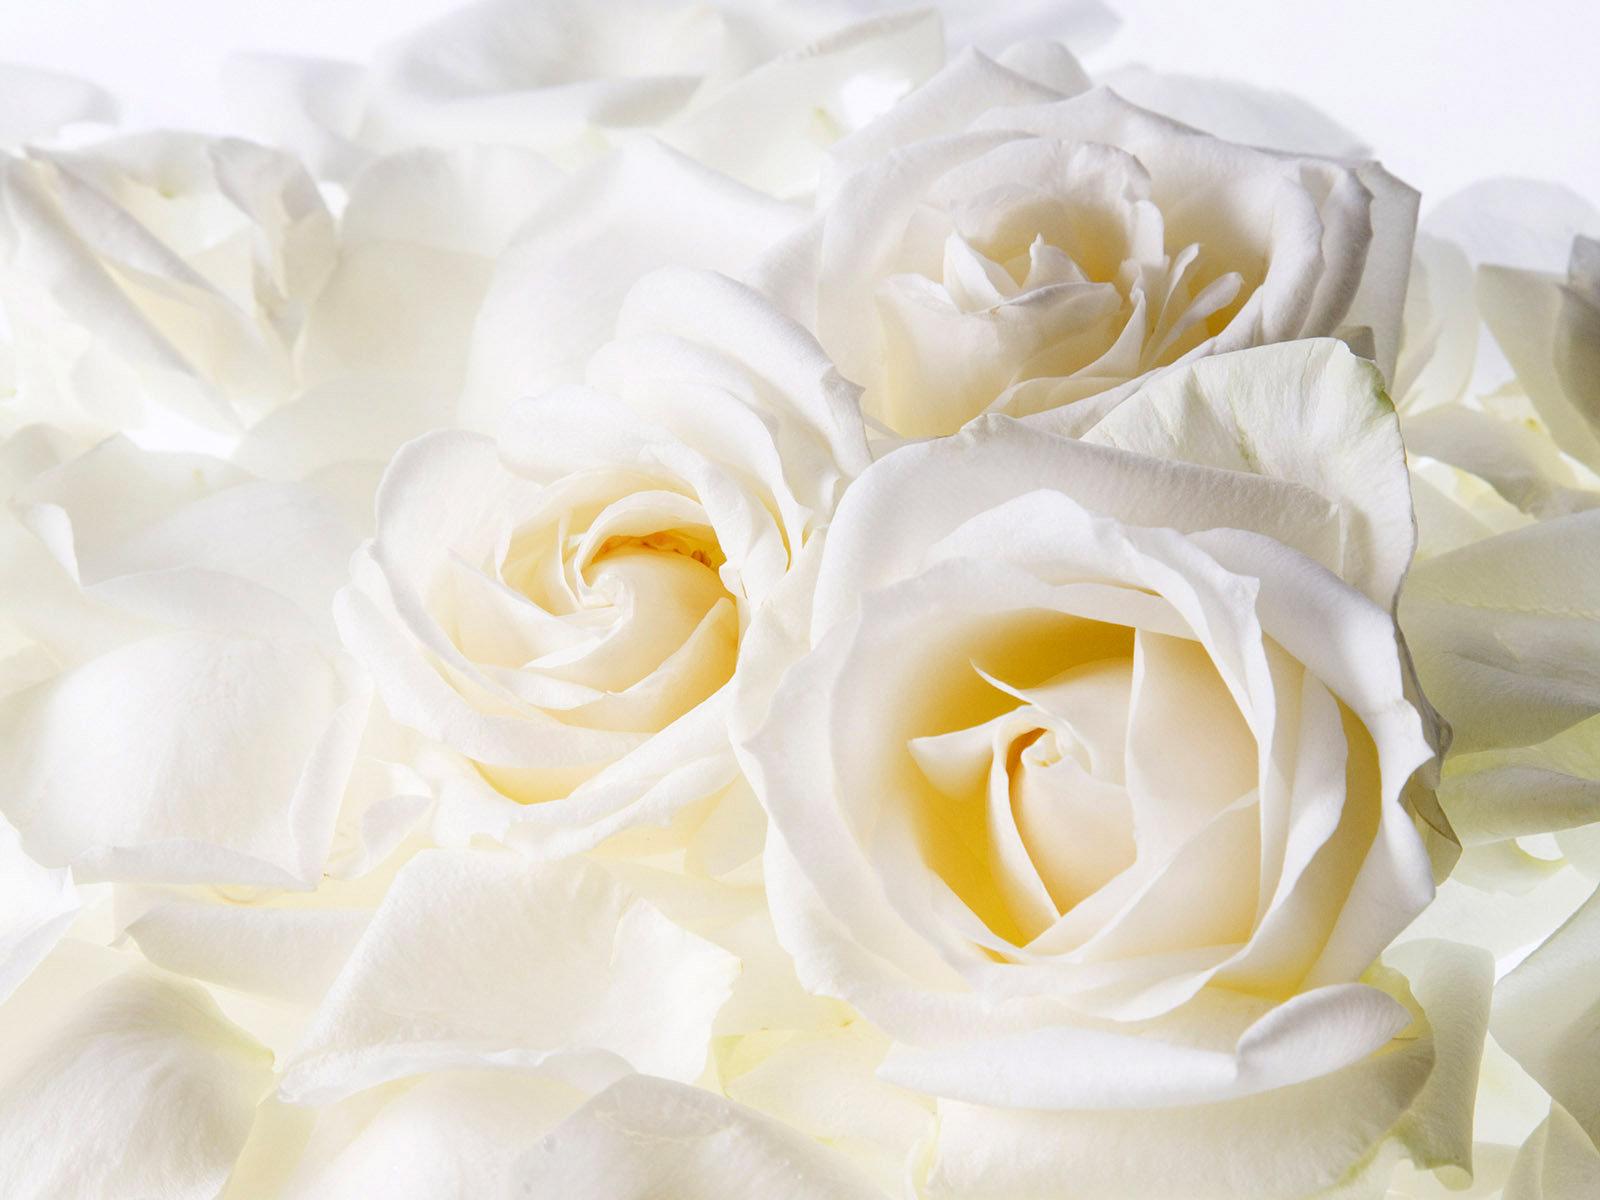 http://1.bp.blogspot.com/--rswwLYbm_k/T8zJDTXOUzI/AAAAAAAAEmQ/iJKHK0bQKLE/s1600/Flower-wallpaper-60.jpg